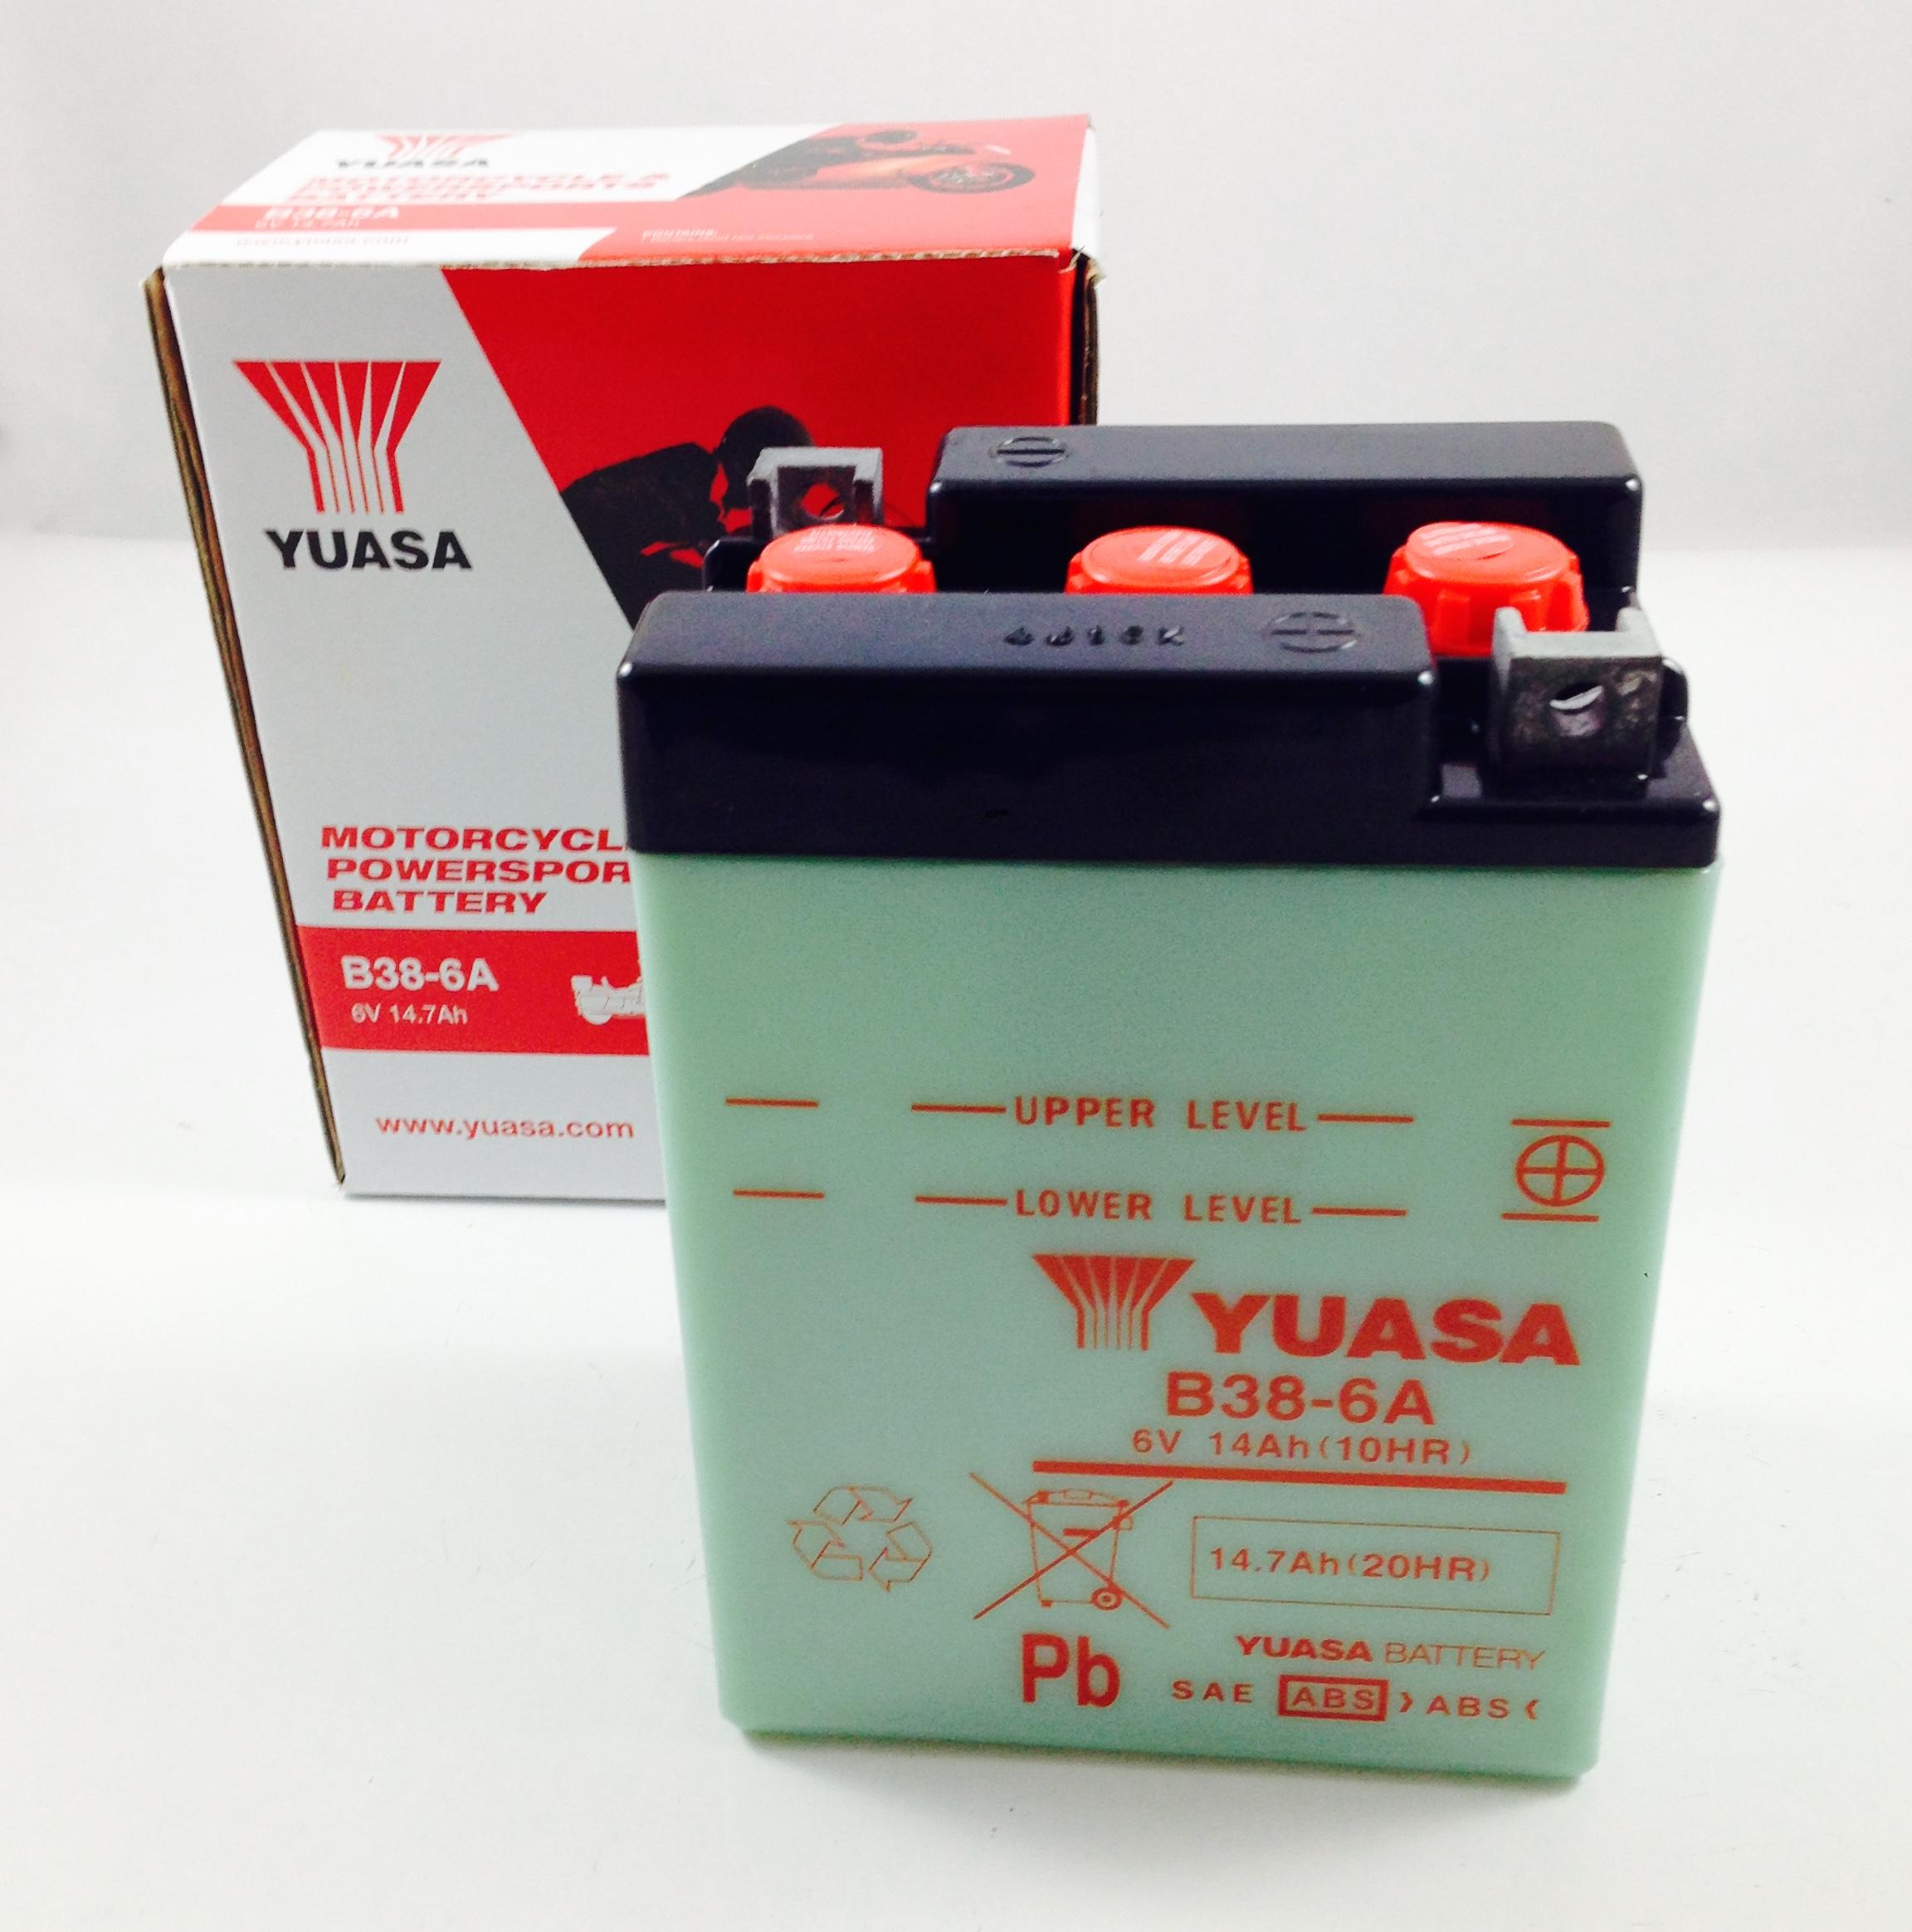 BATTERIA MOTO-SCOOTER YUASA 6V 13AH B38-6A